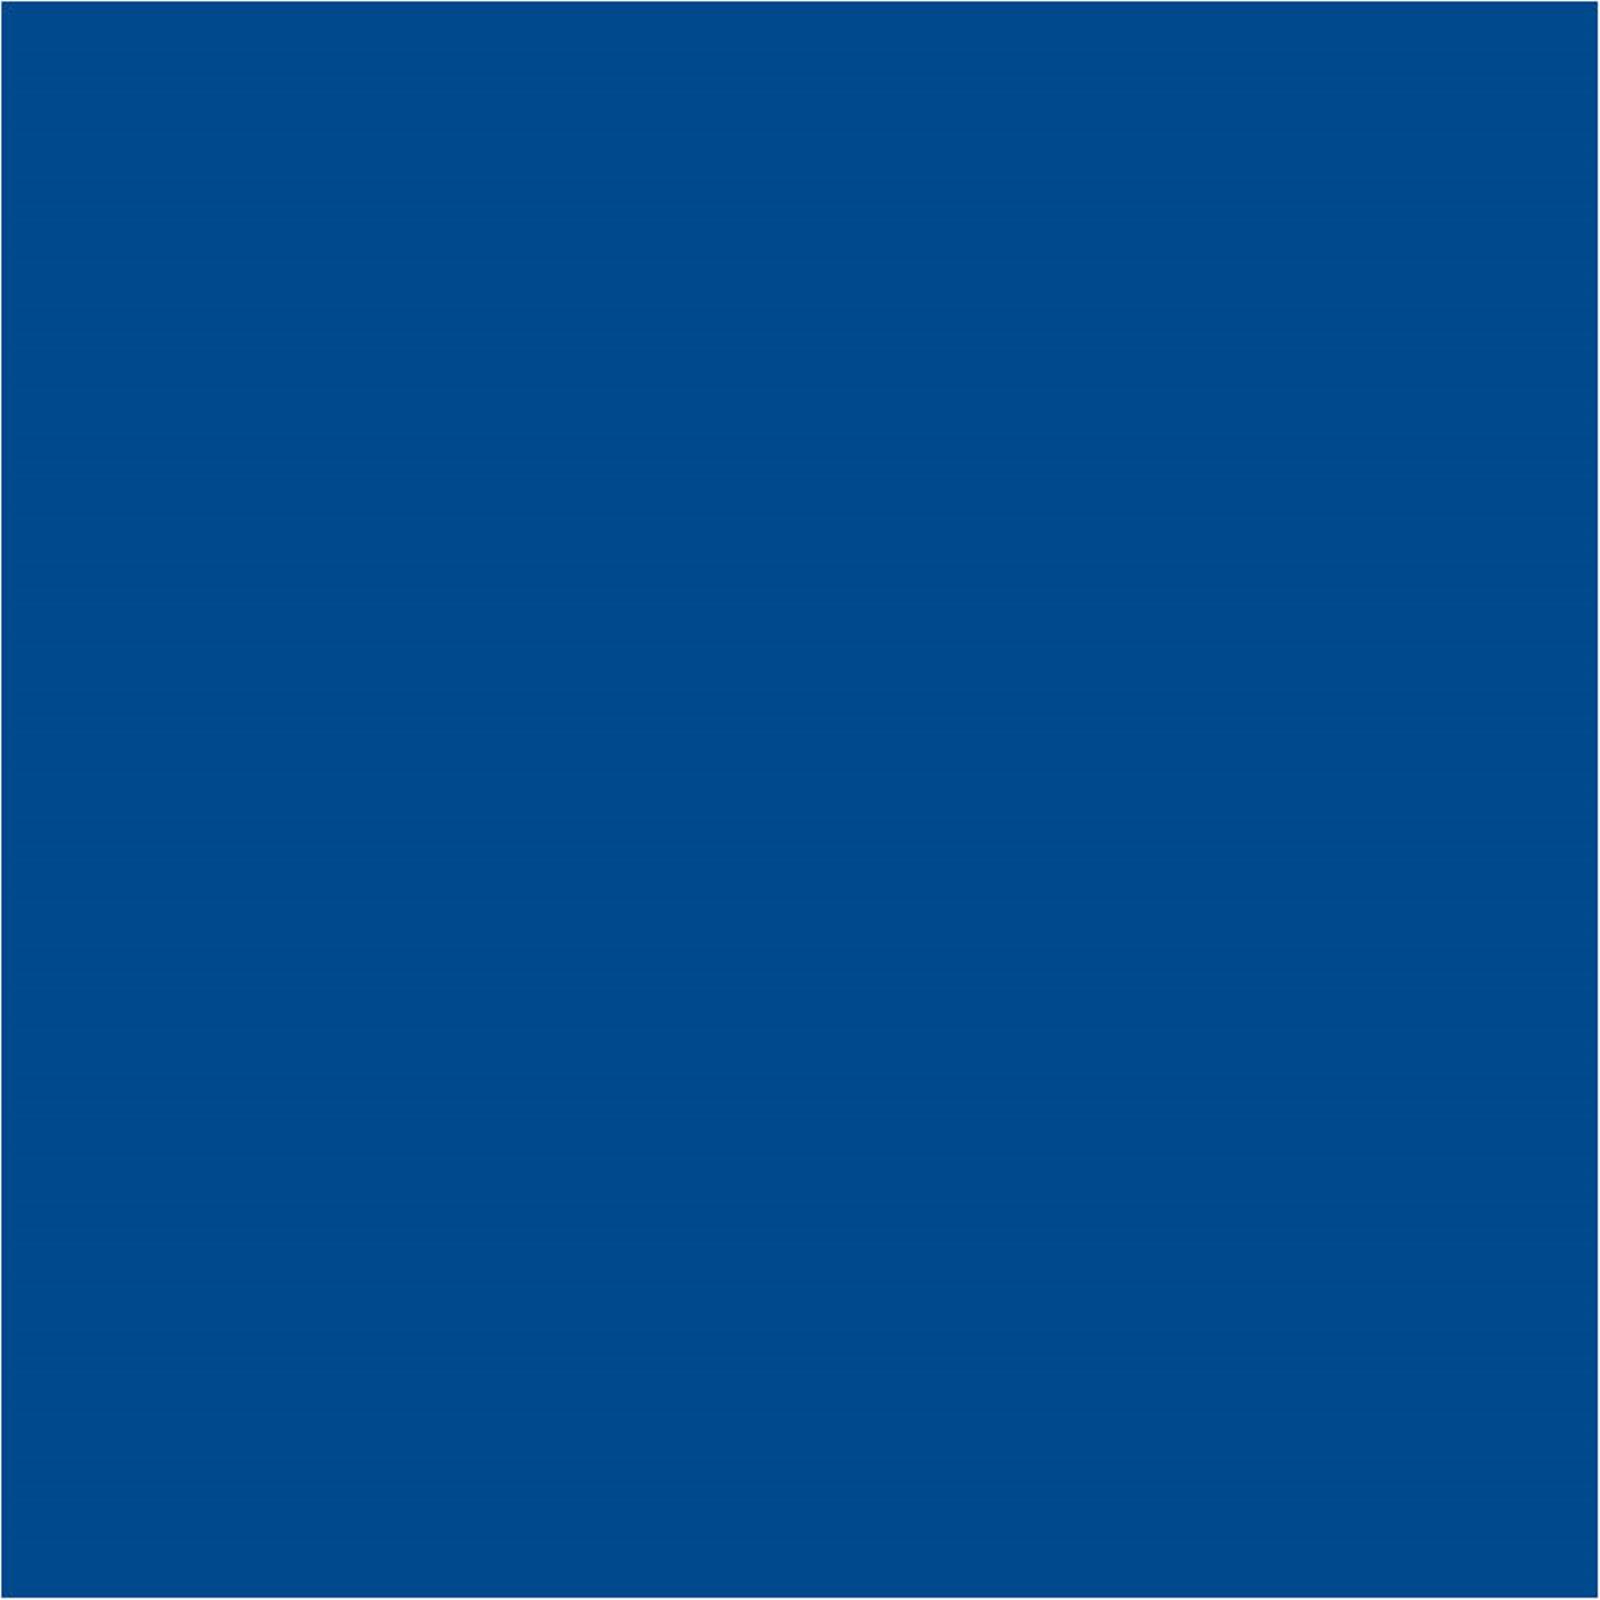 albastru ftalocianin